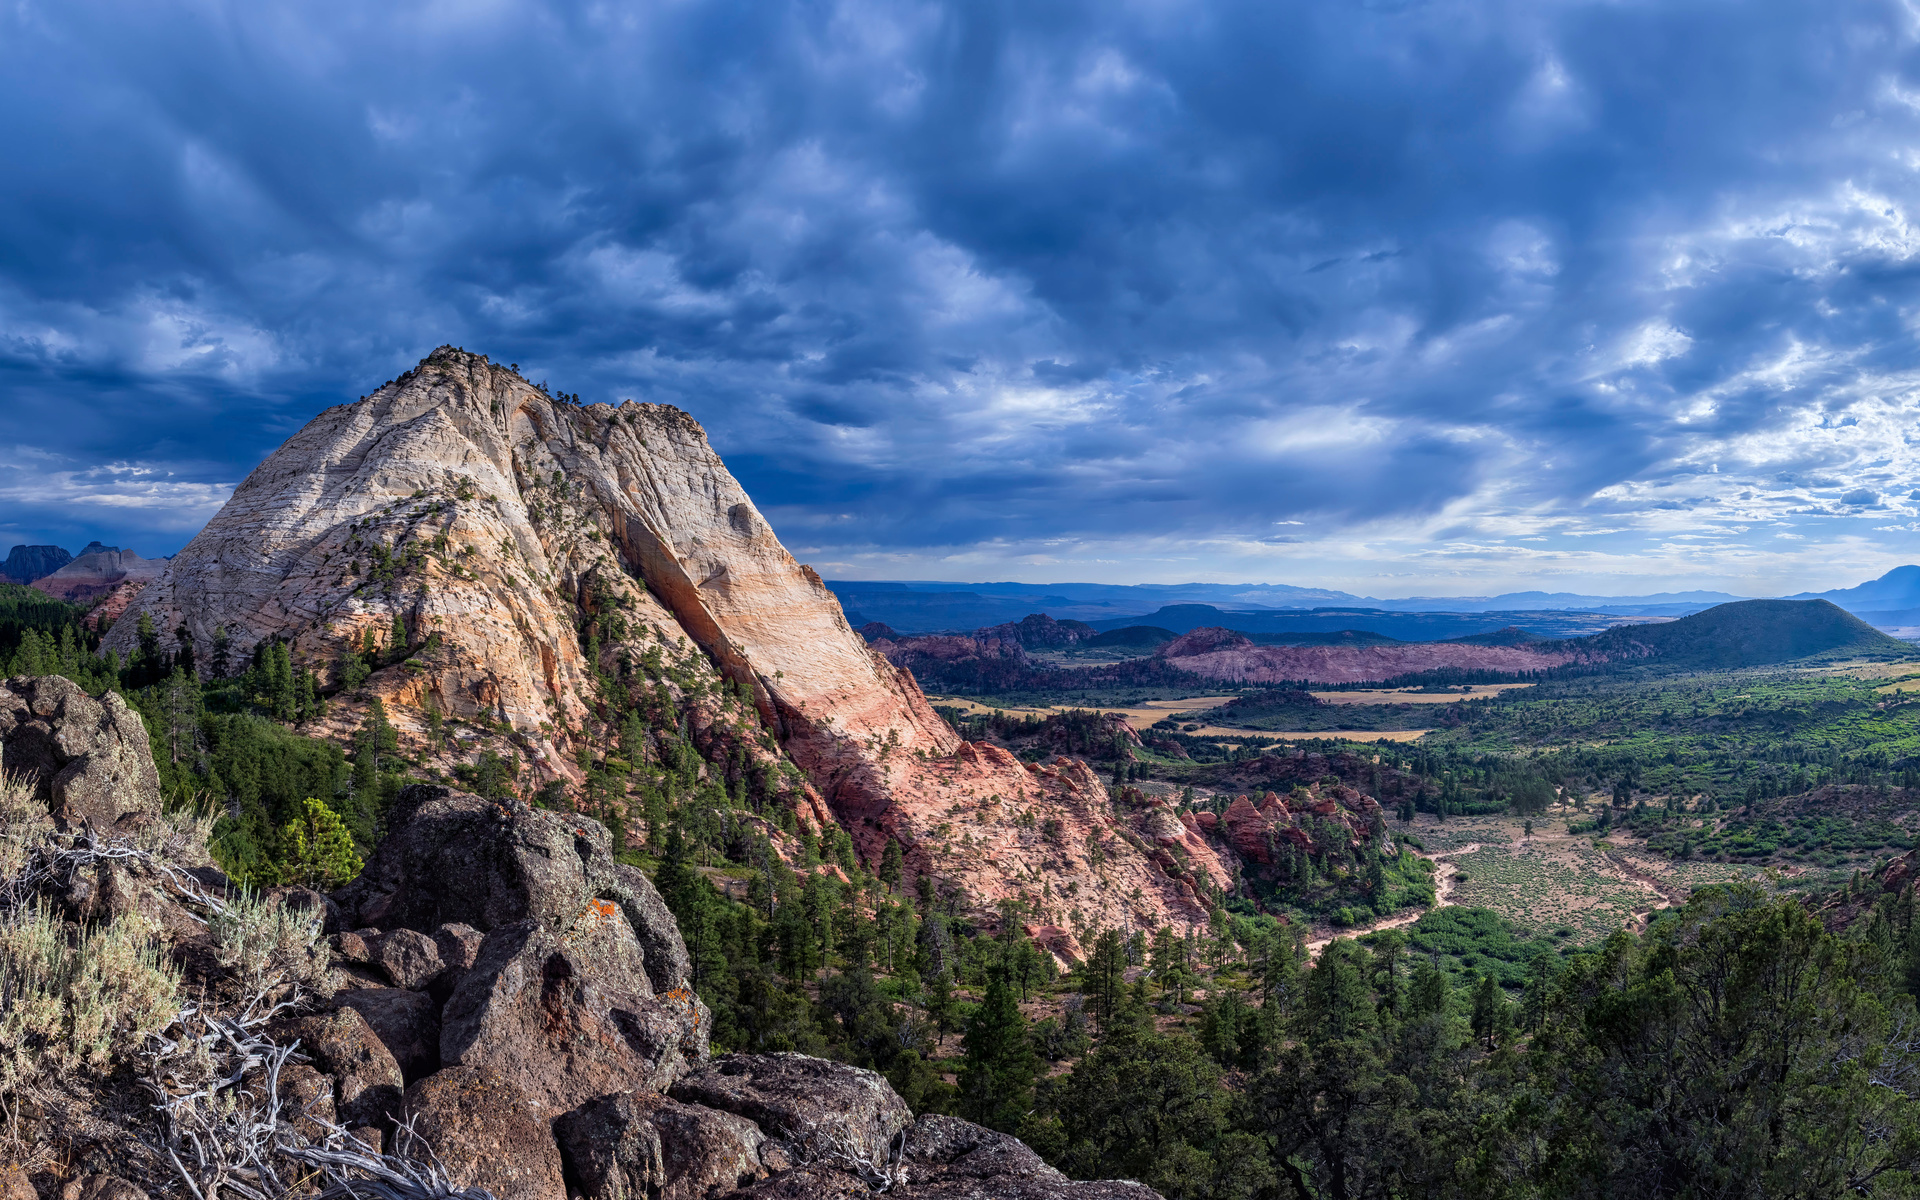 пейзаж, зайон, национальнай, горы, скала, облака, природа